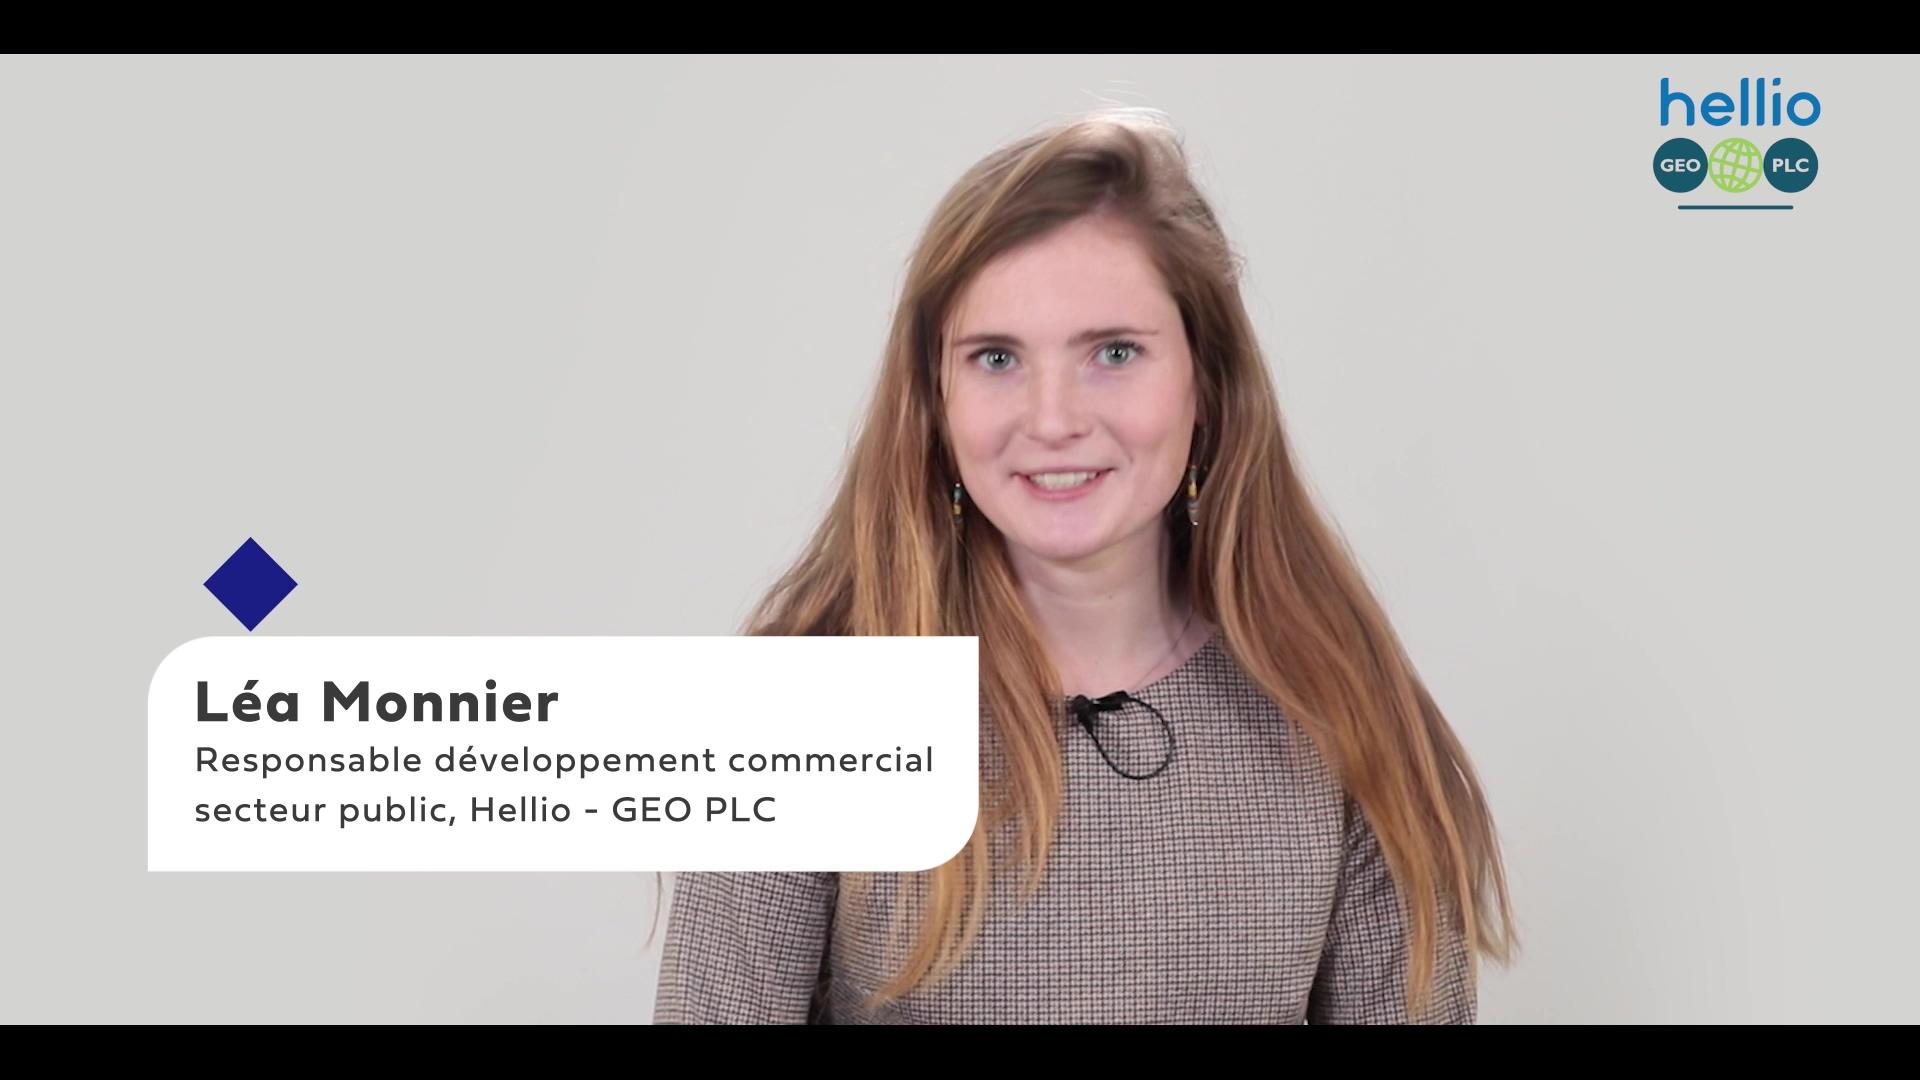 Lea- Monnier présentation service public collectivités